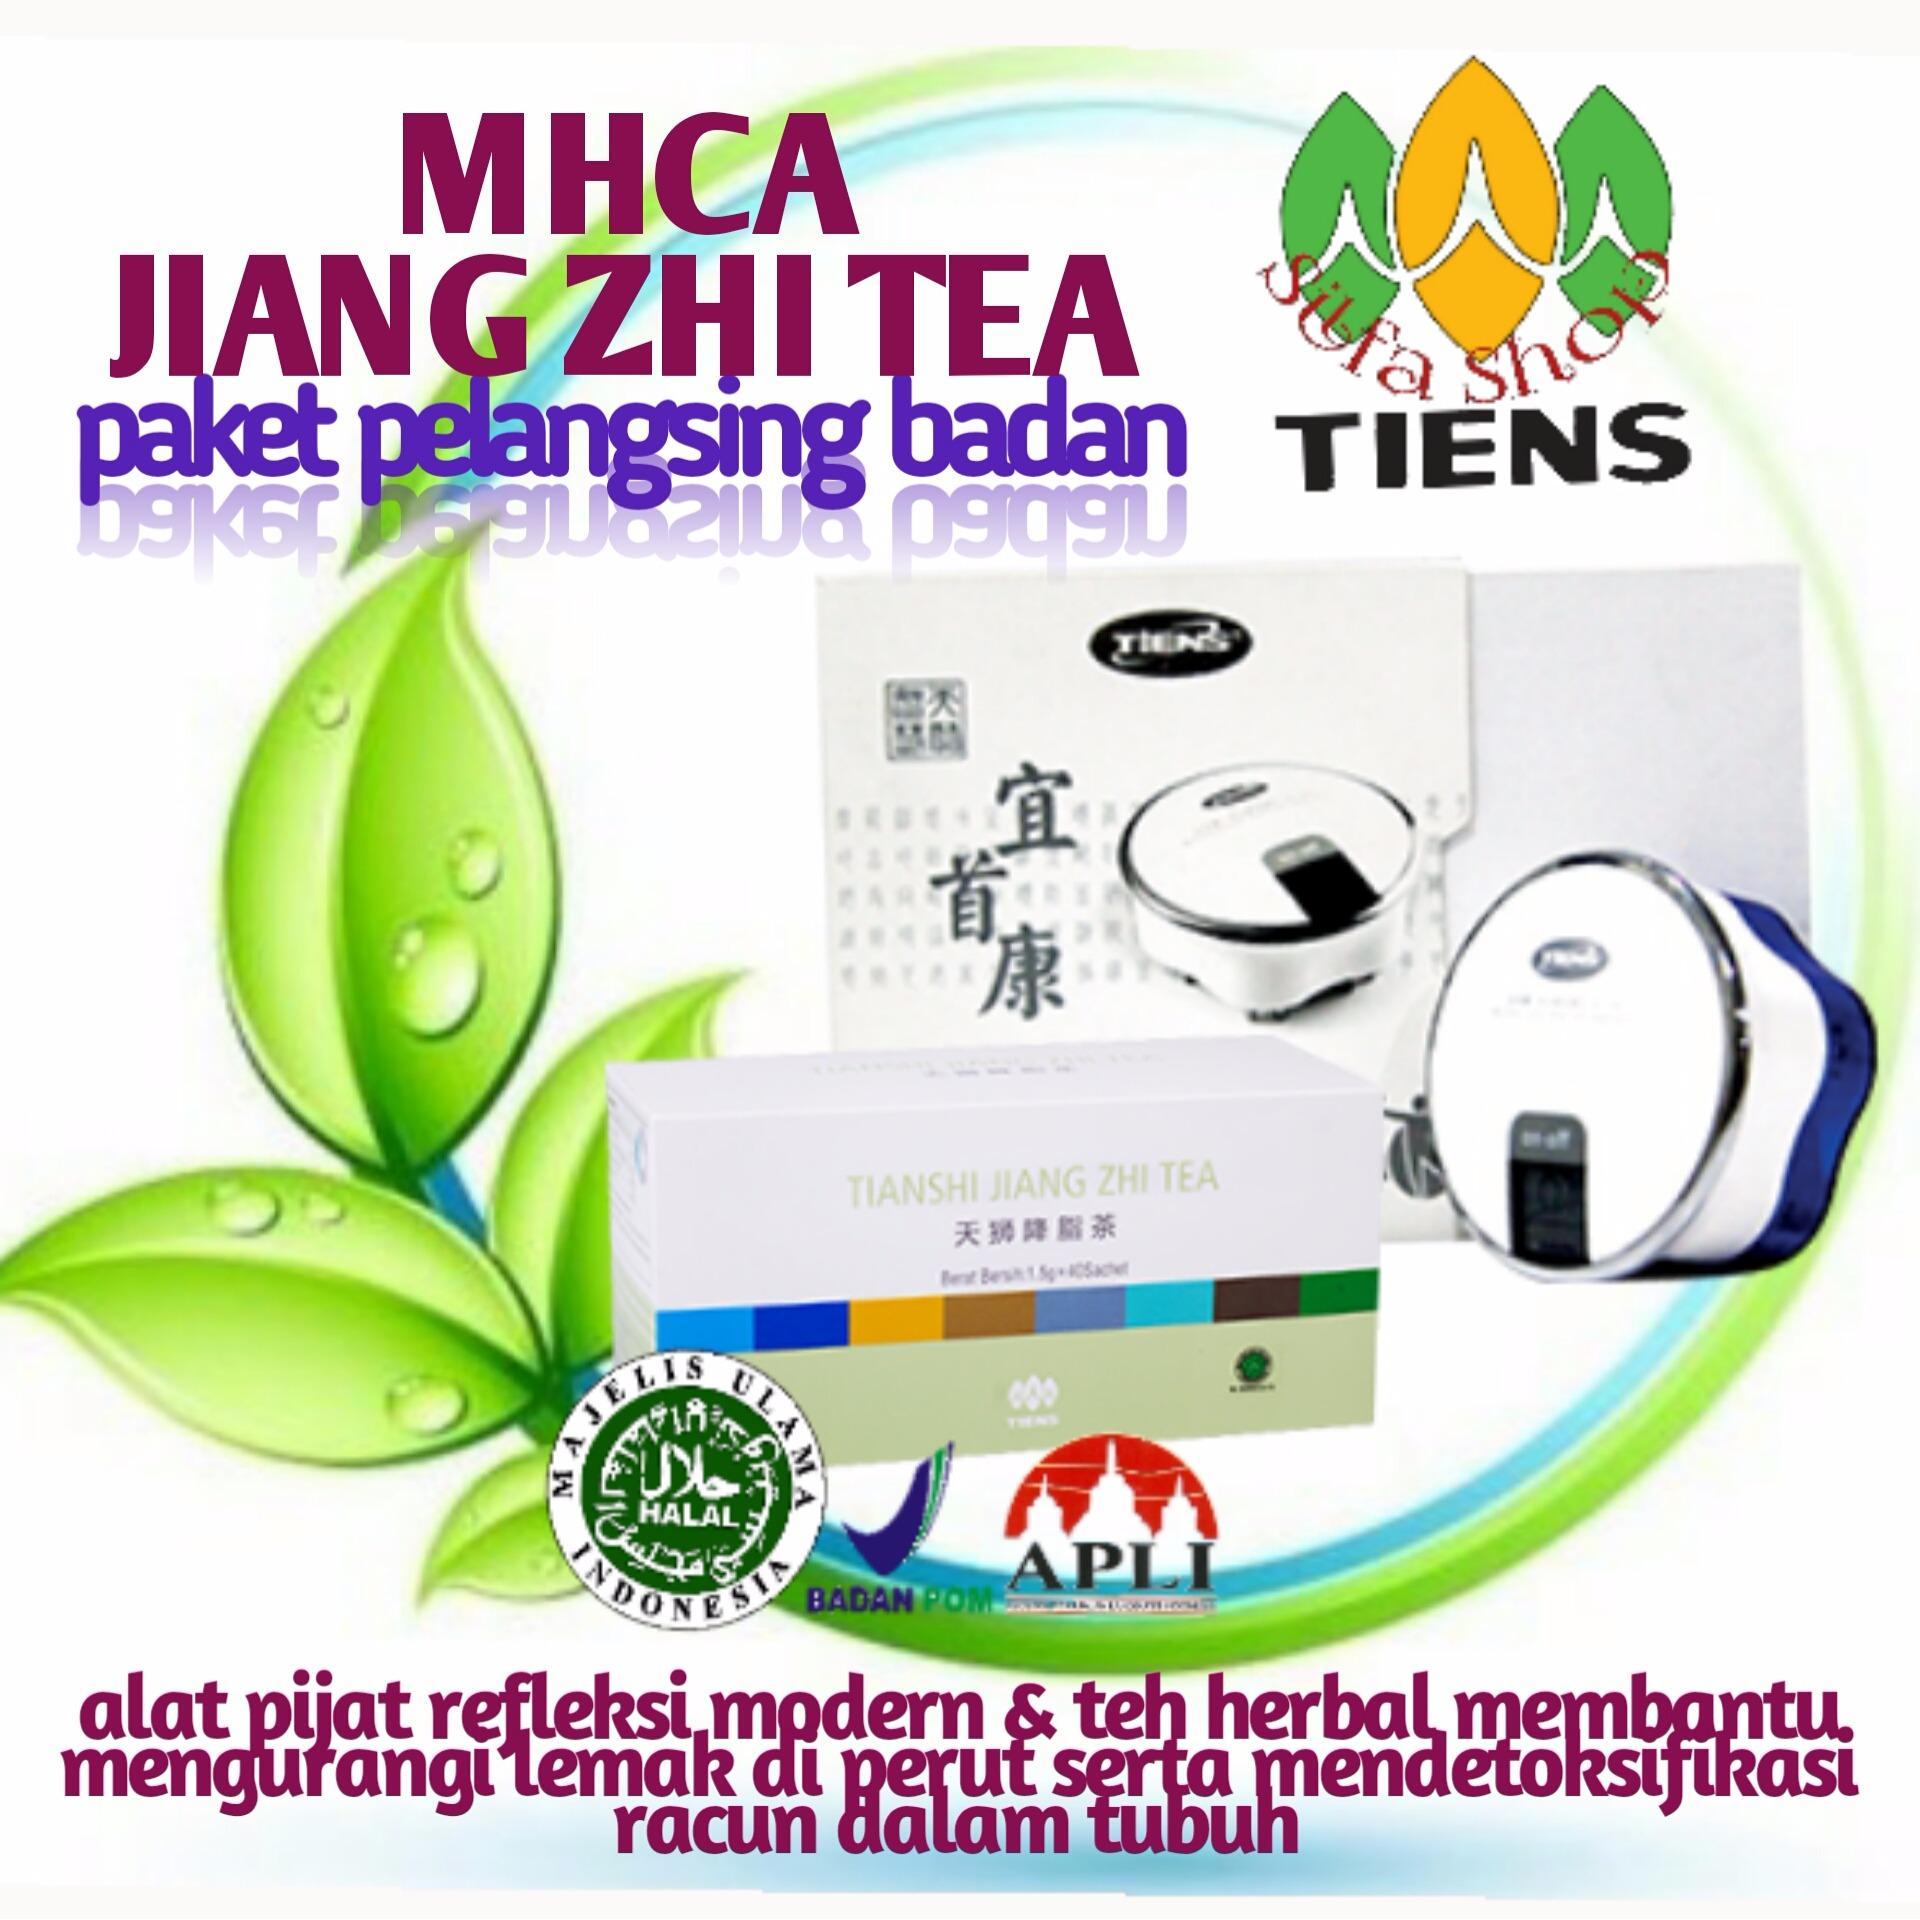 Toko Tiens Mhca Alat Pijat Refleksi Jiang Zhi Tea Teh Herbal Detoksifikasi Racun Dalam Tubuh By Silfa Shop Murah Di Jawa Timur